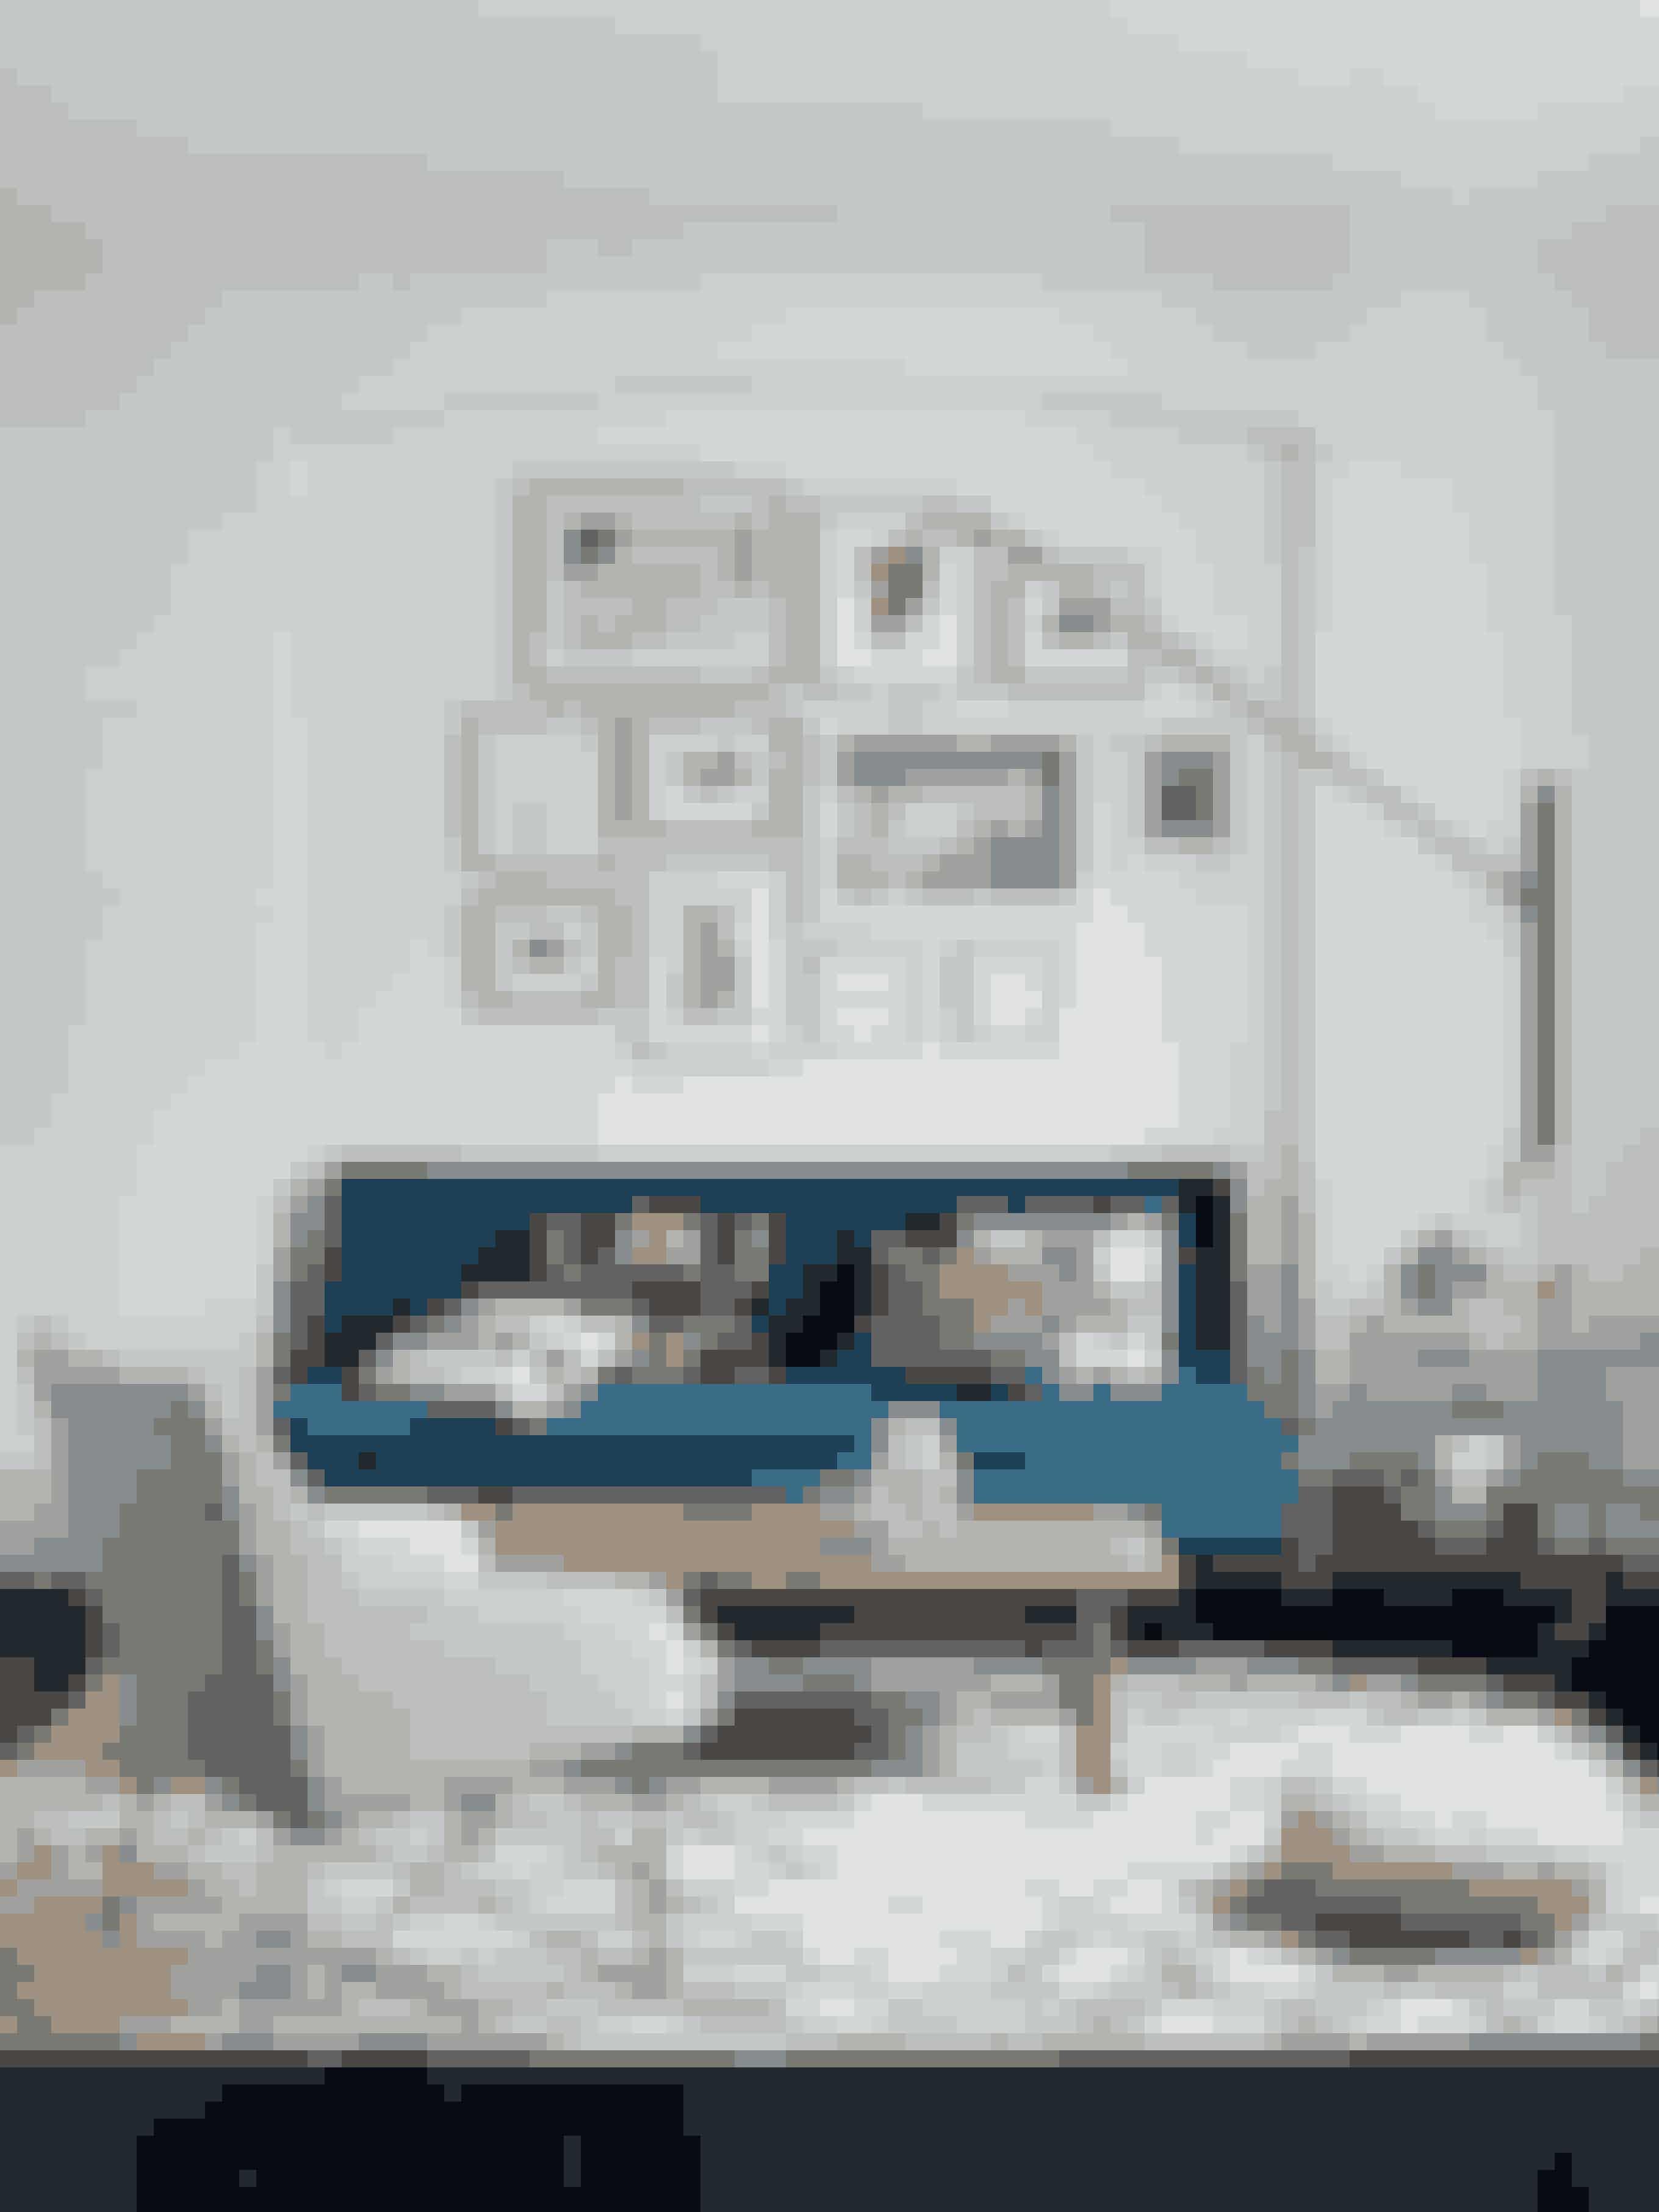 I stuen er sofaen et arvestykke fra Heidis bedsteforældre. Den er ombetrukket med velour fra Designer's Guild og fyldt med en samling puder fundet på rejser til Capri og Istanbul. Det elegante bakkebord er designet af Josef Frank i 1930'erne, mens lampen er af den franske arkitekt Jean Prouvé. Stolen betrukket med silke er fundet antikvarisk i London, og glaskuglen er købt ved et besøg i arkitekten Luis Barragáns hus i Mexico. Sofabordet, der i virkeligheden er en bænk, er designet af Børge Mogensen.